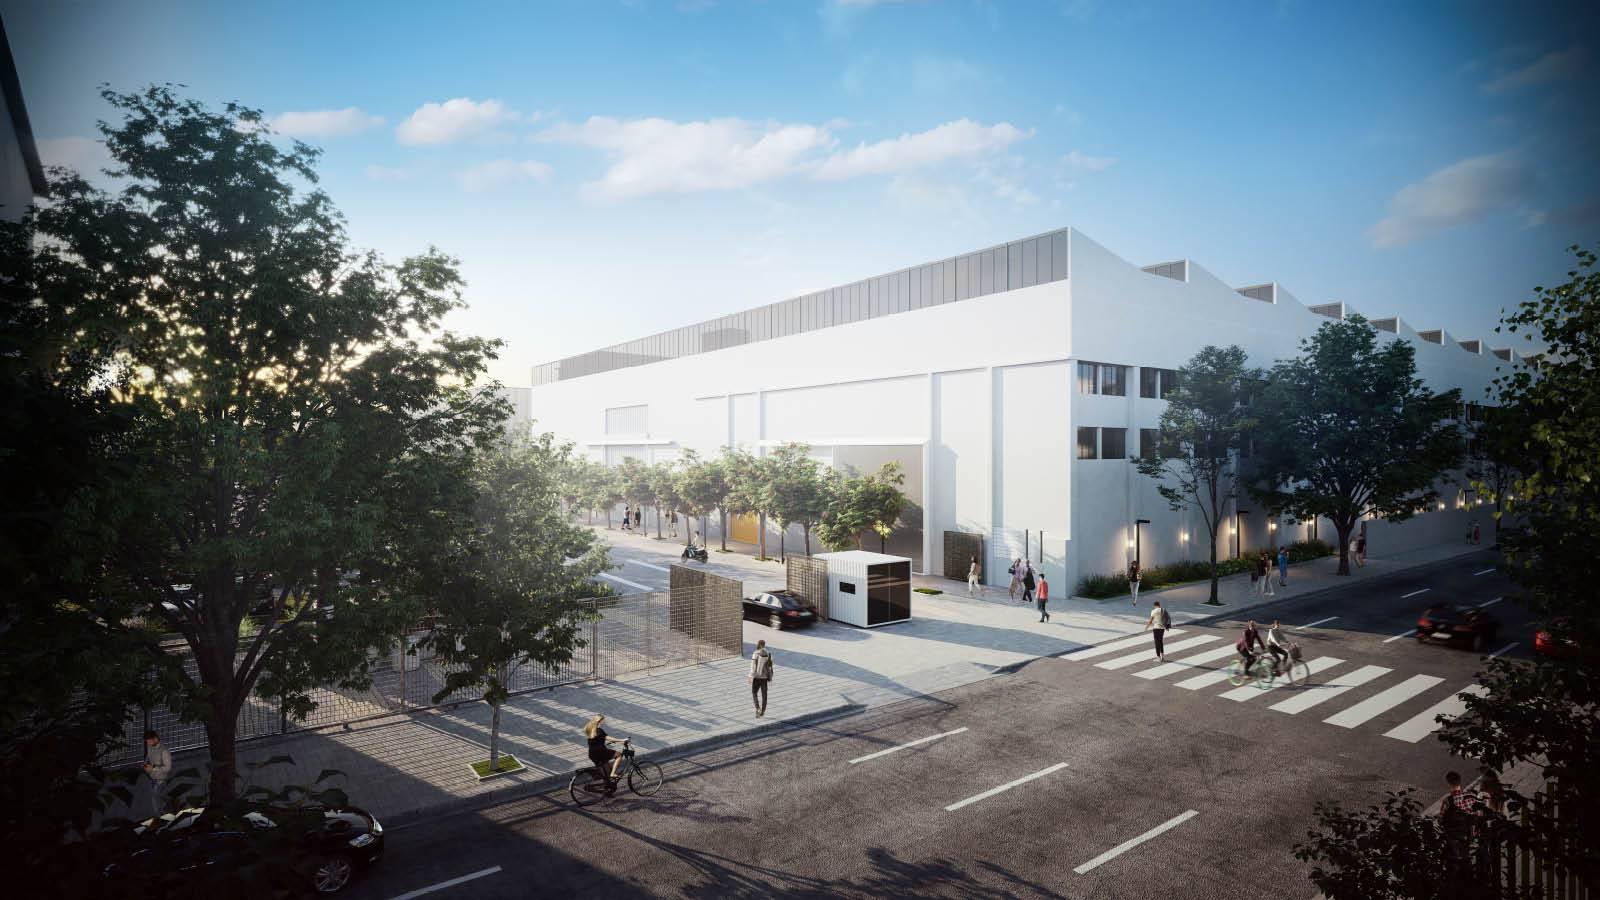 ENTRANCE - State - SPOL Architects